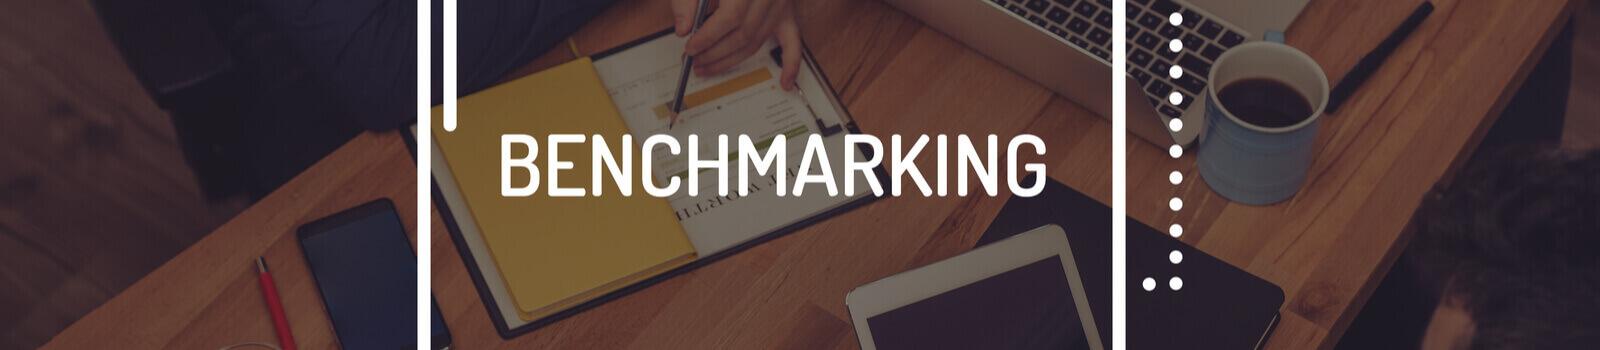 Analisis de la competencia o benchmark ¿Qué debes tomar en cuenta?